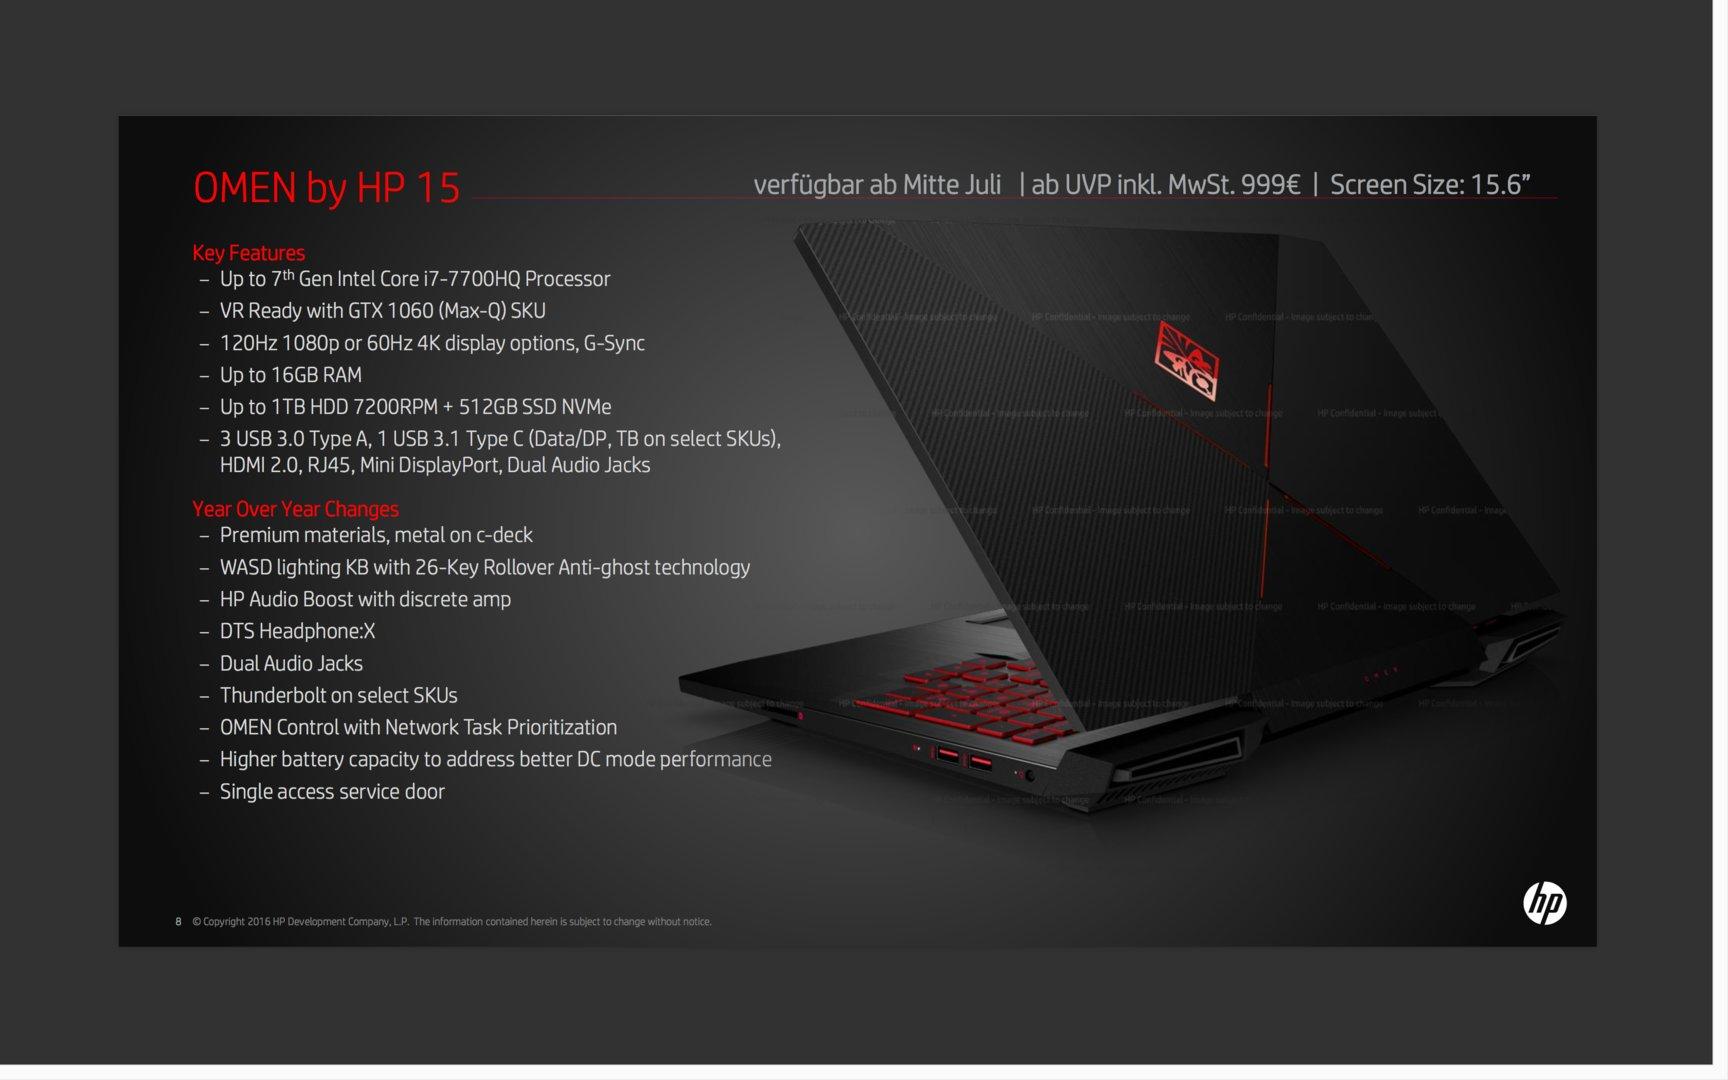 HP Omen 15 mit maximal GeForce GTX 1060